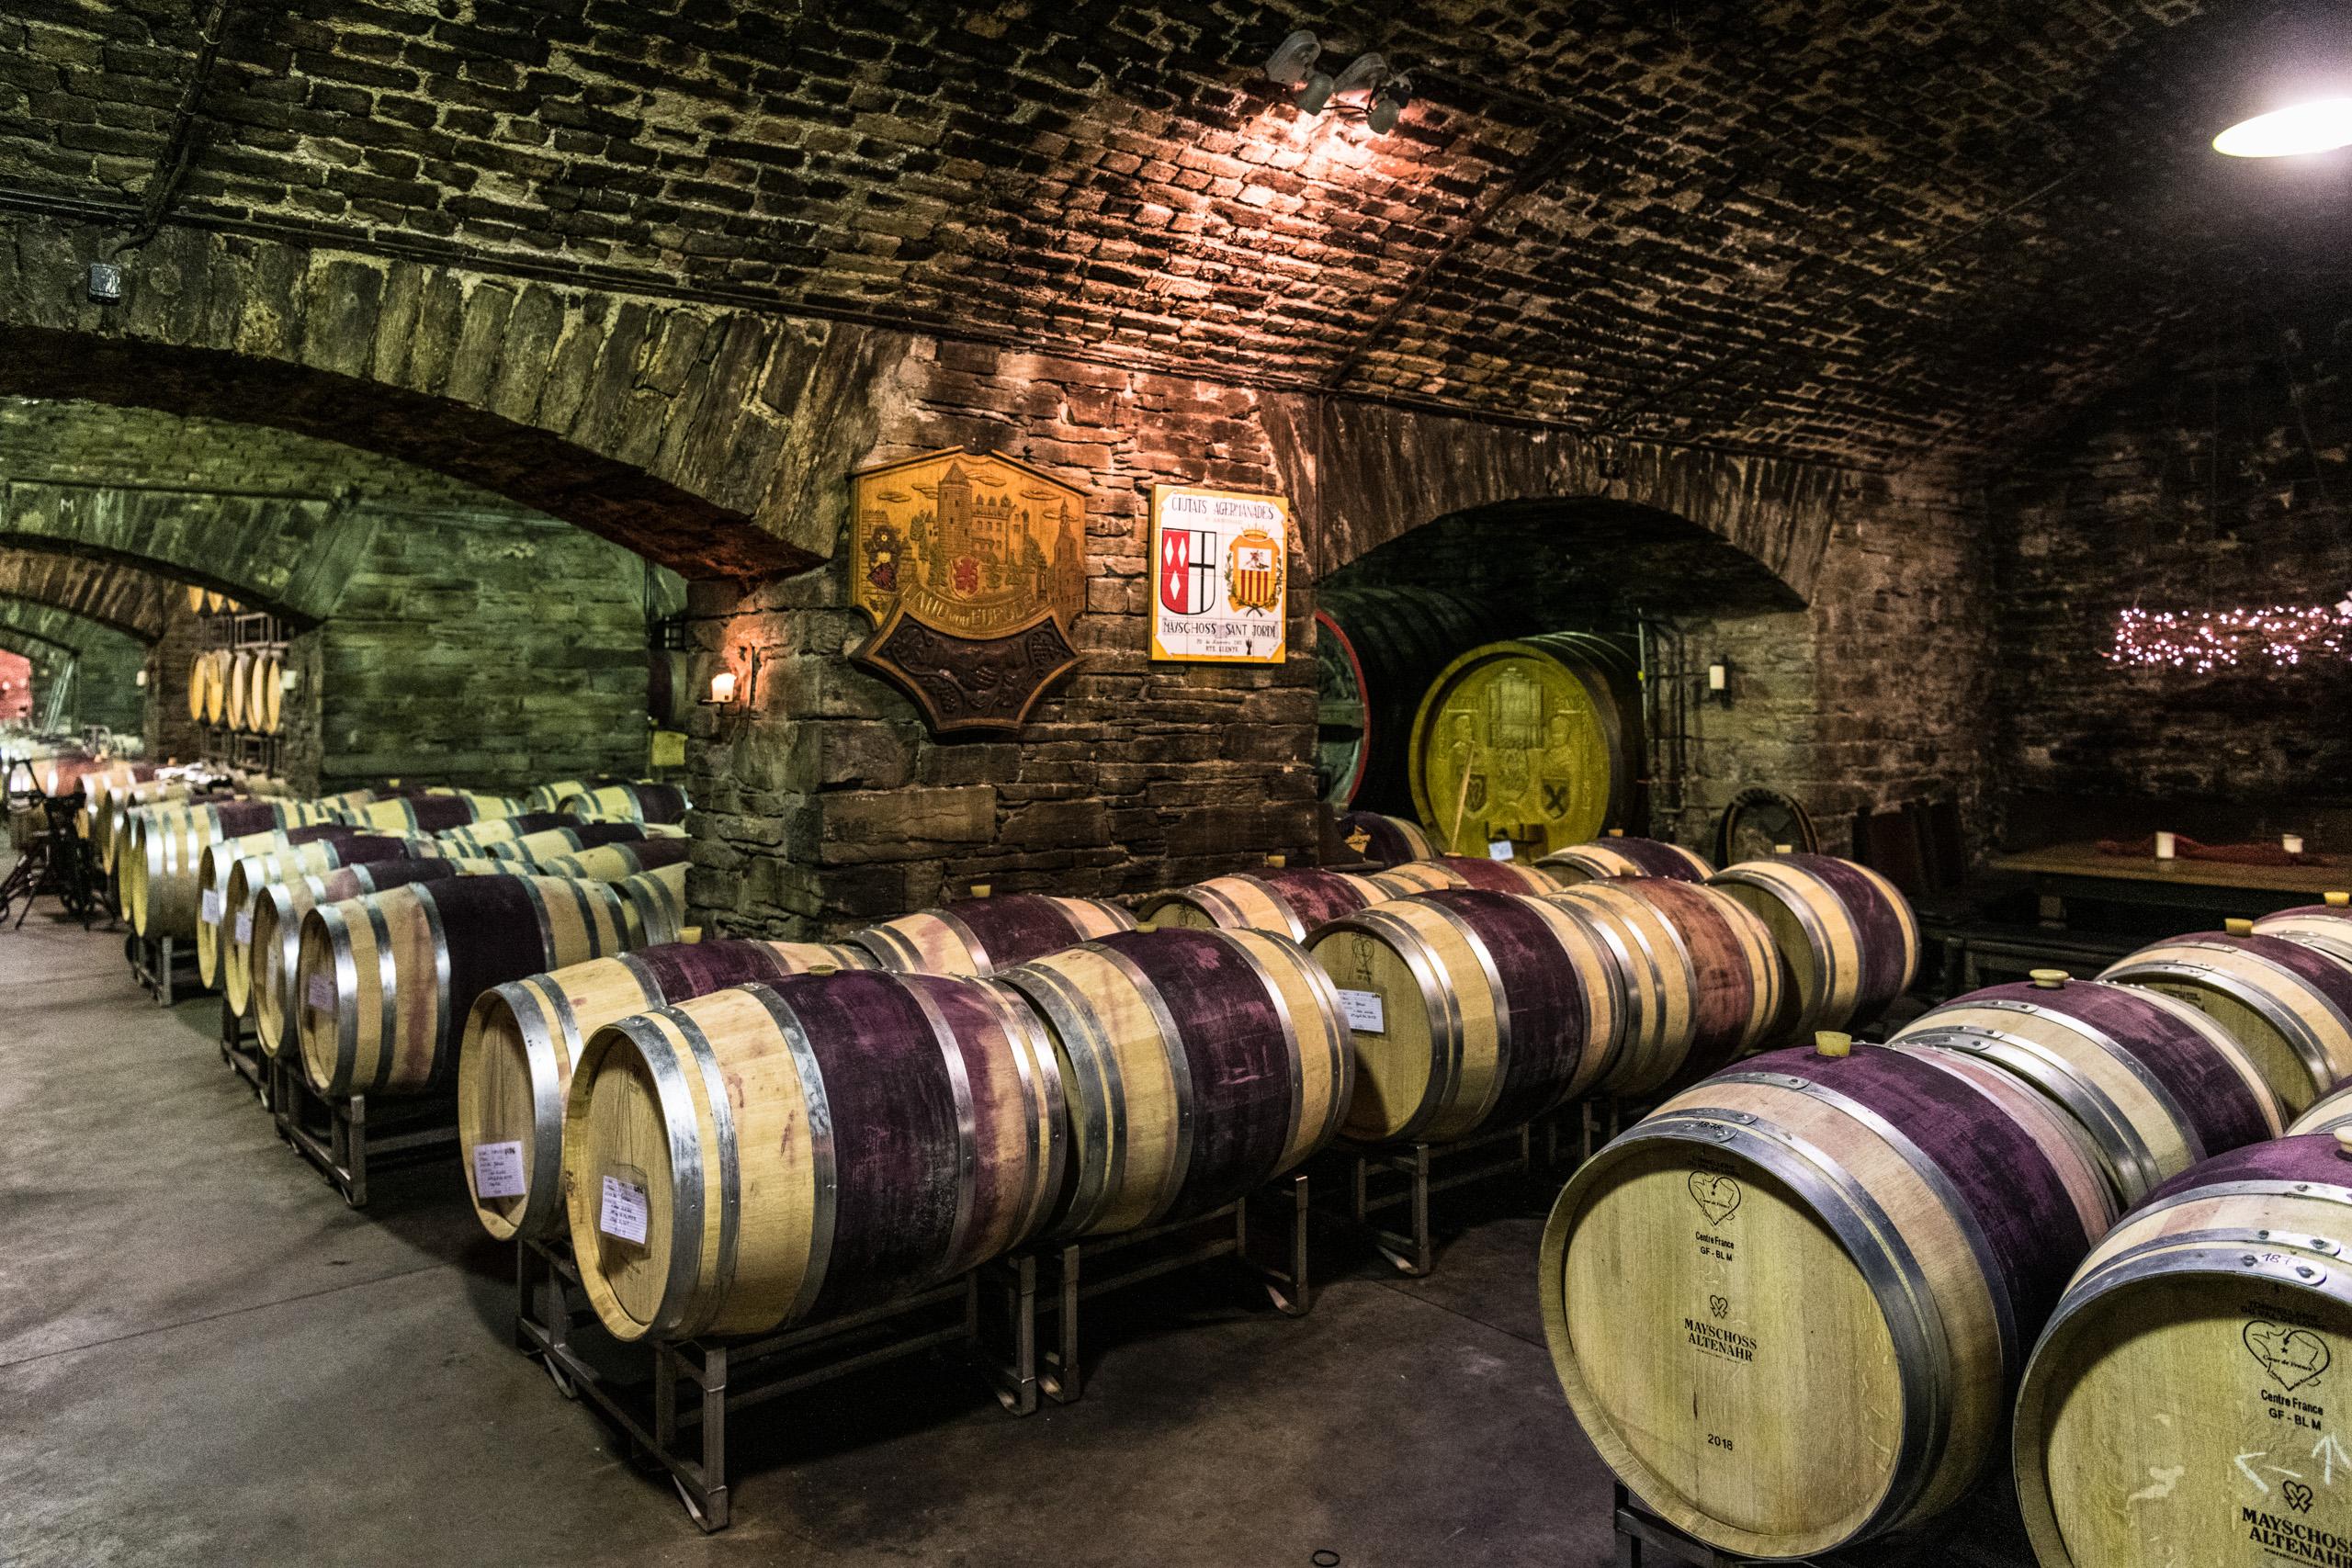 Wijnkelder van de wijnbouwcoöperatie Mayschoß, Ahrdal